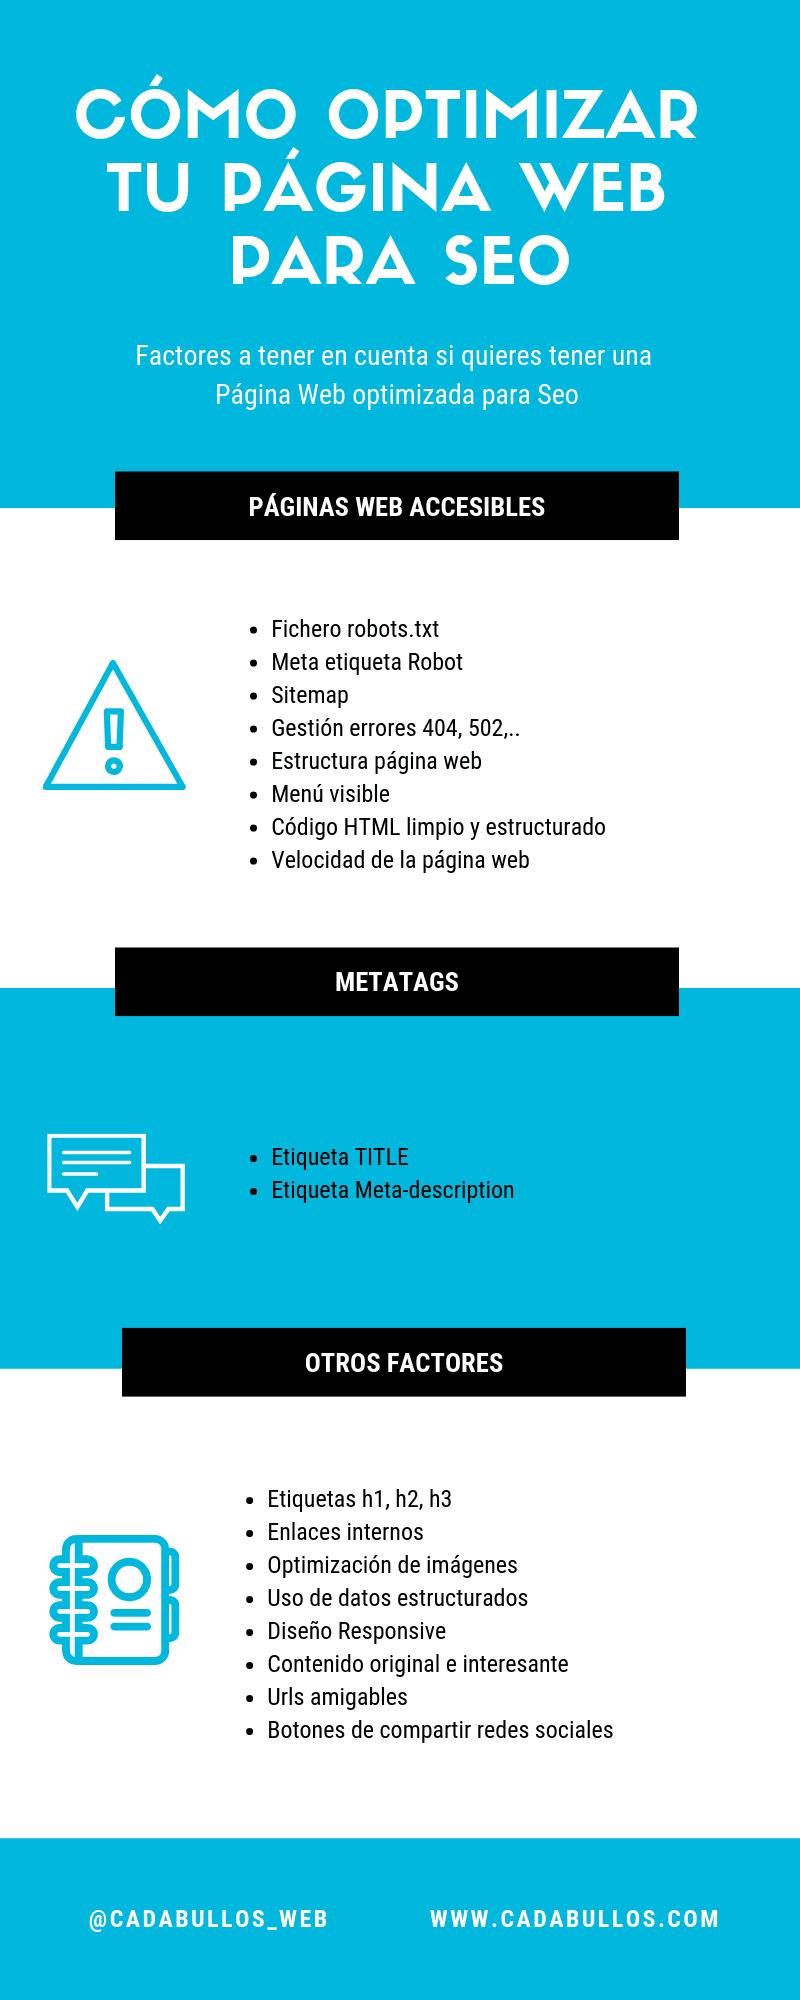 infografía - Qué es una y como optimizar una página web para seo